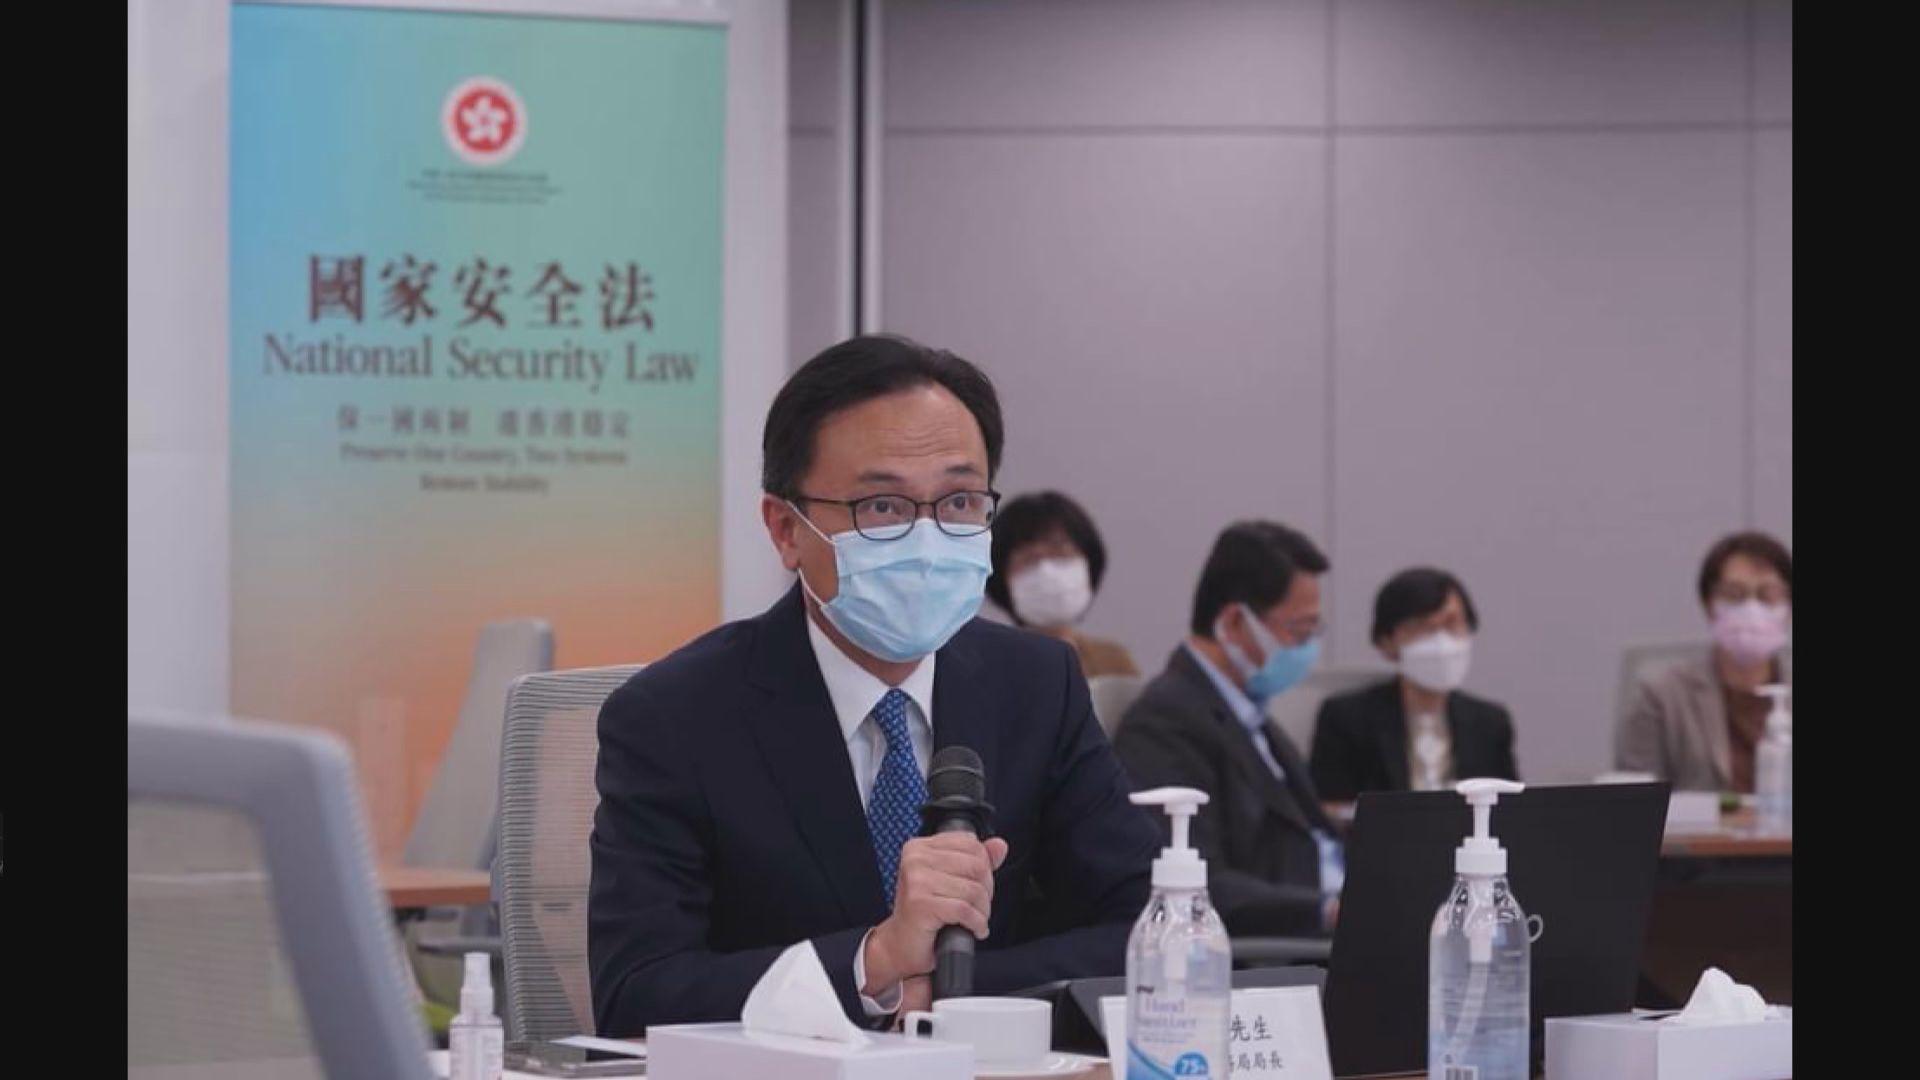 約百名公務員出席首場國家安全講座